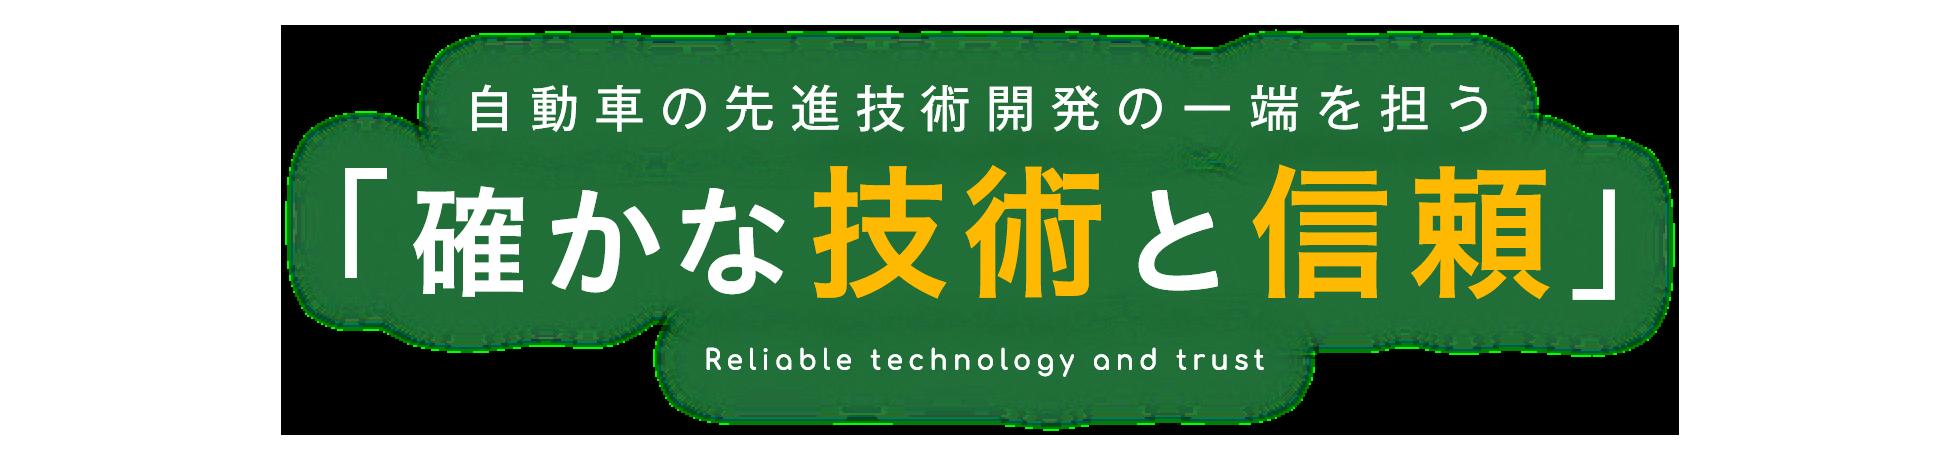 自動車の先進技術開発の一端を担う「確かな技術と信頼」Reliable technology and trust